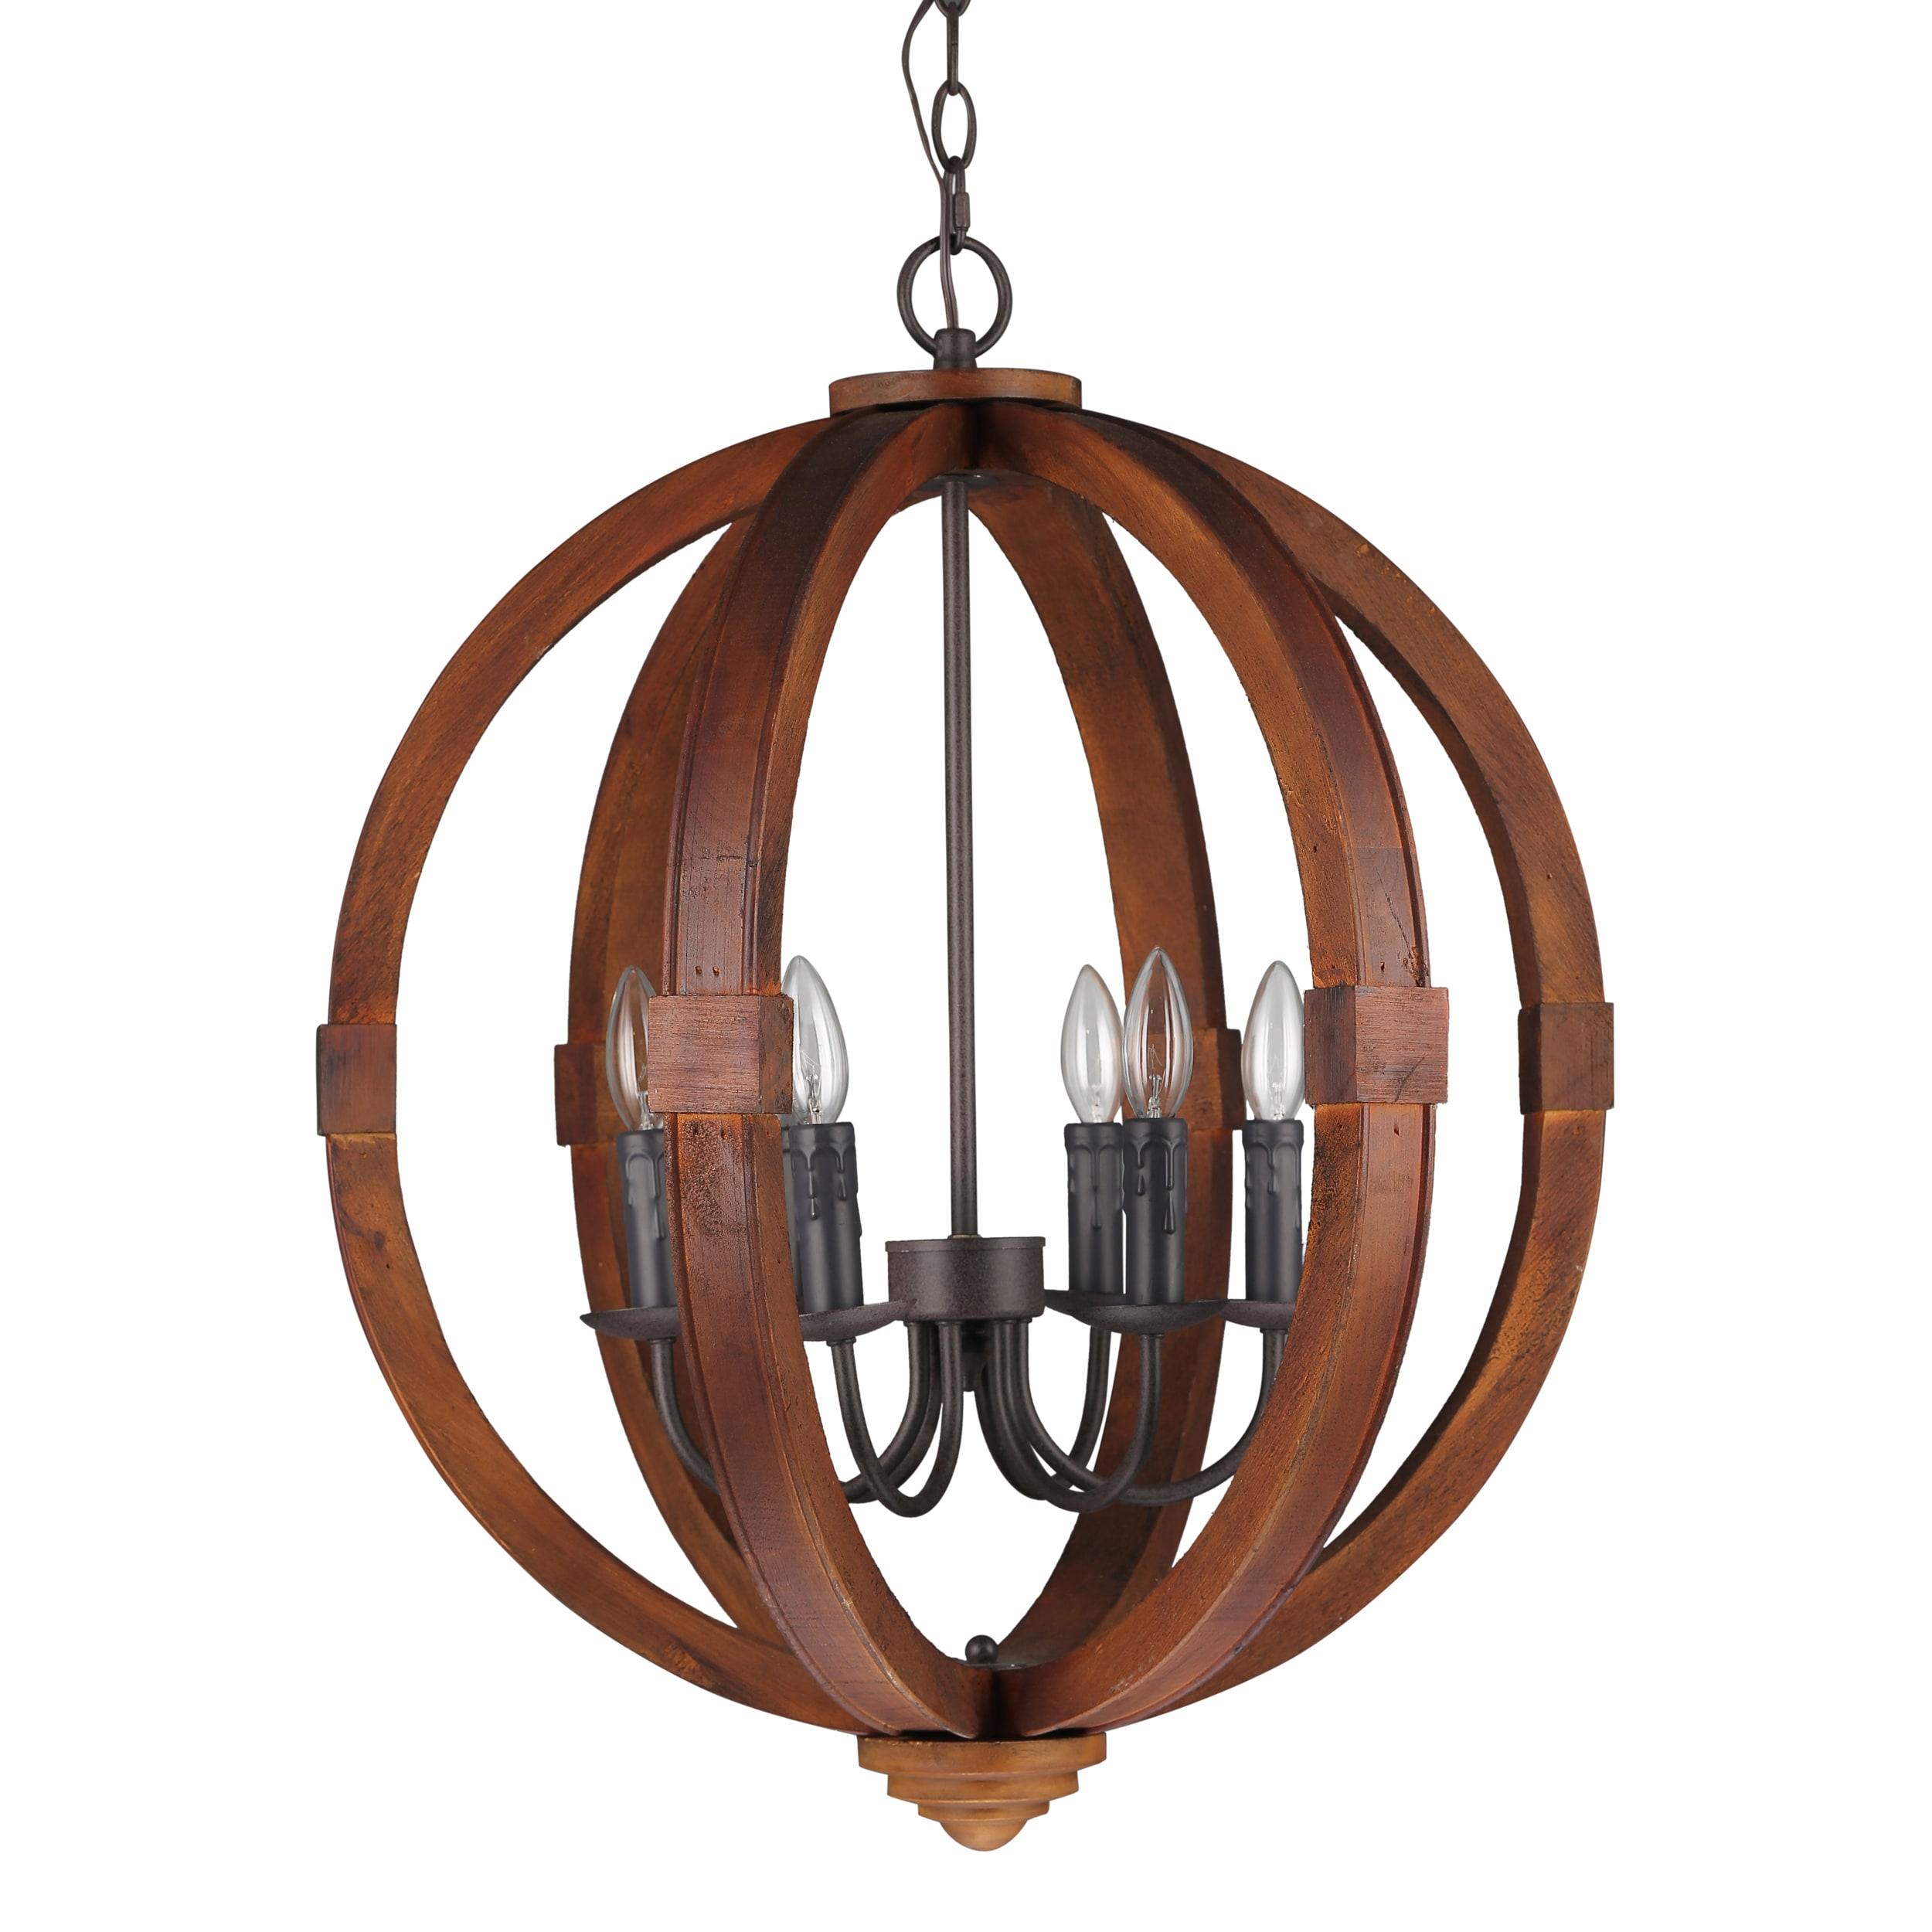 Journee Home Oran 28 in Wood 6 Light Hard Wired Orb Chandelier